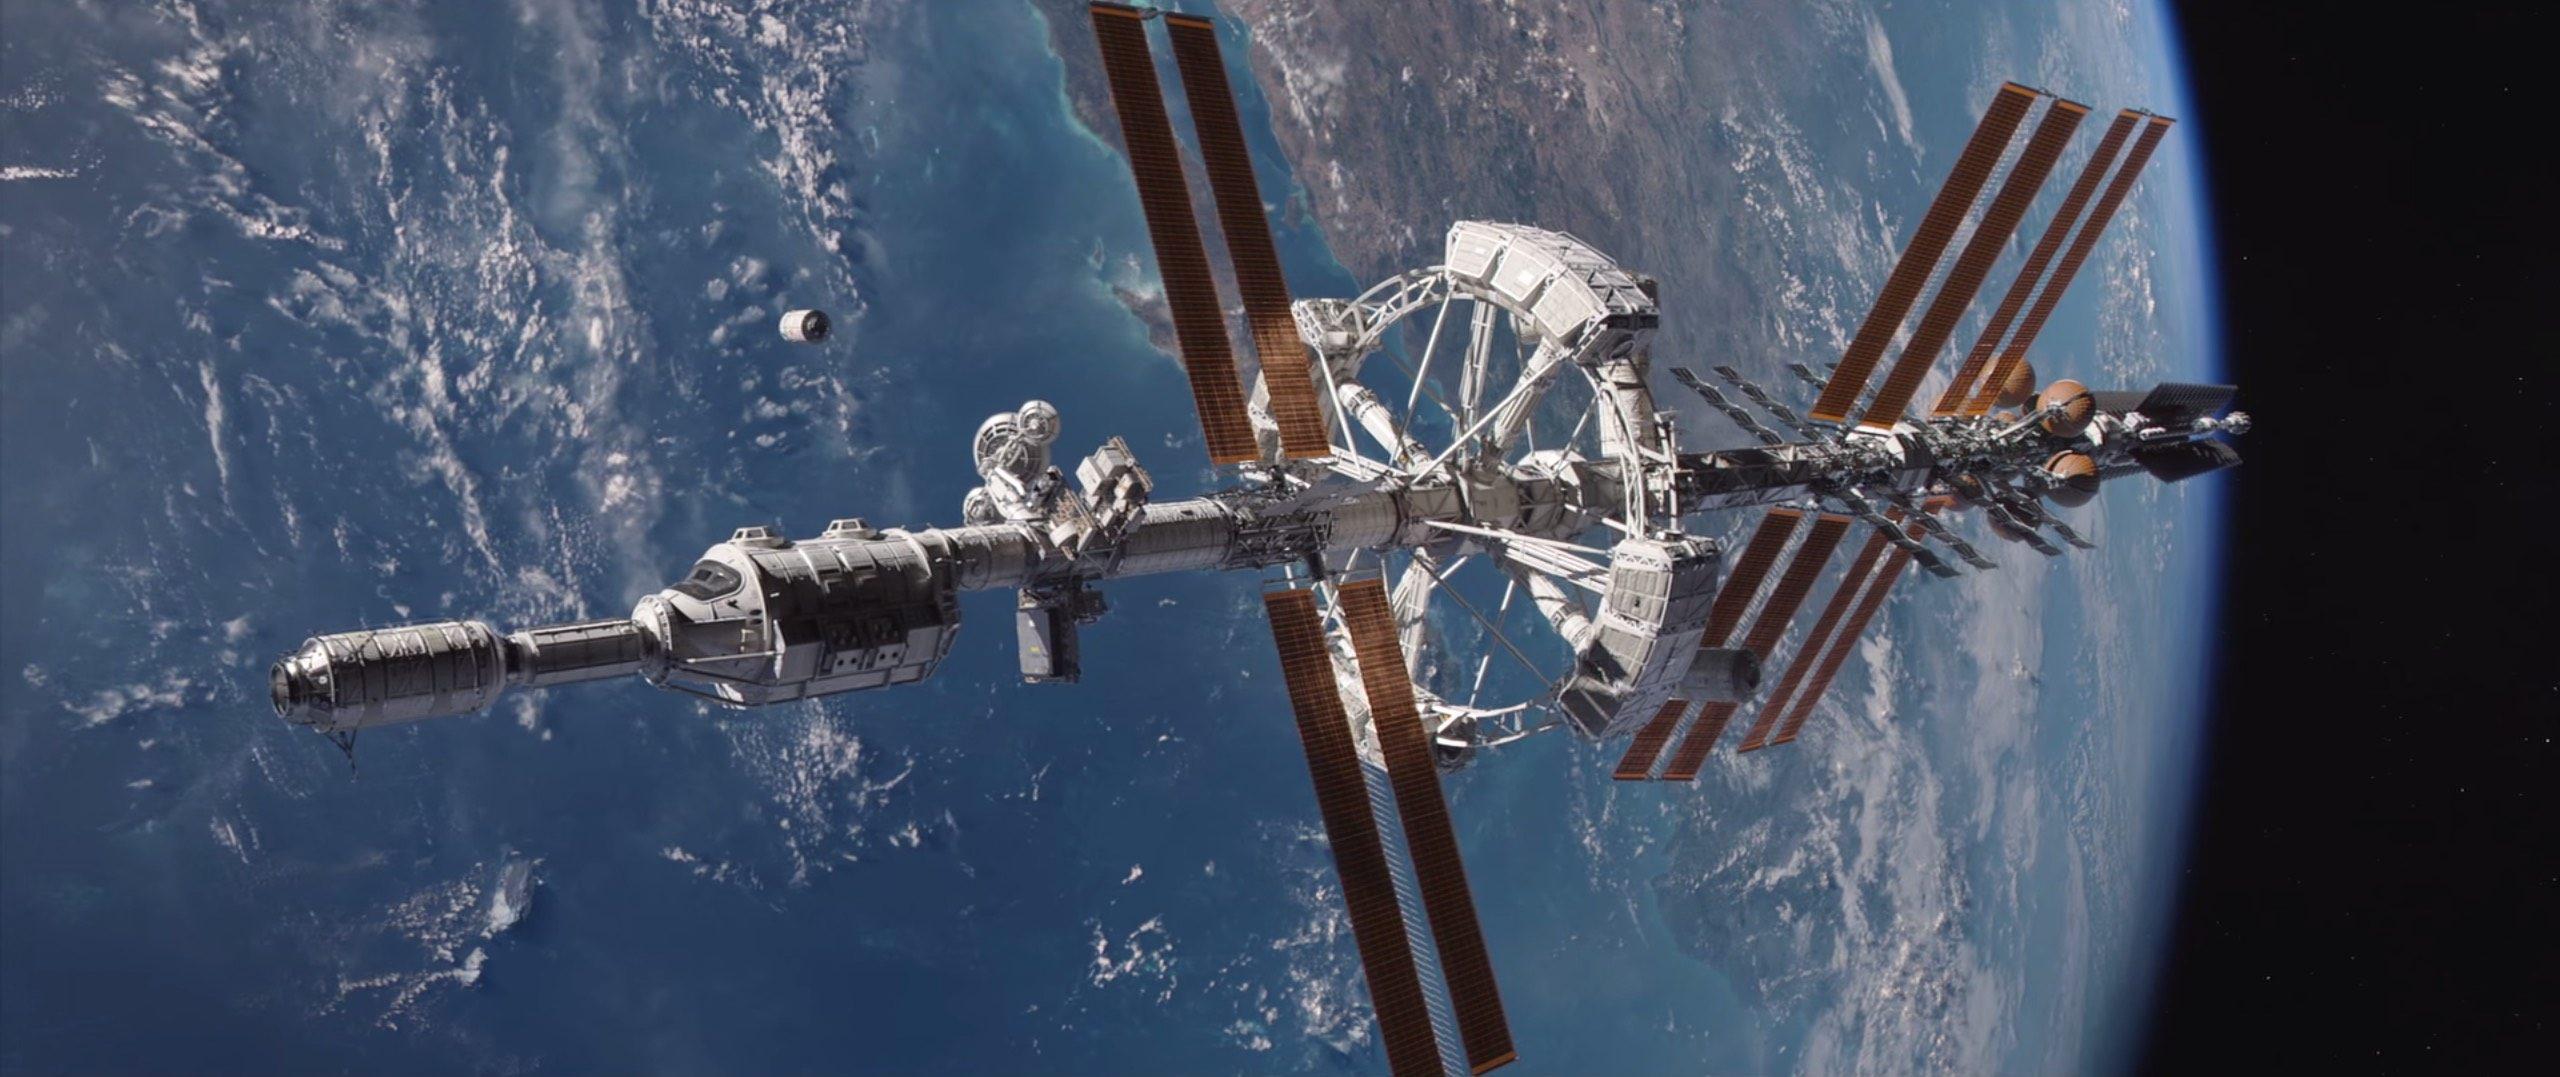 Le vaisseau martien Hermes est surdimensionné pour un équipage de cinq personnes